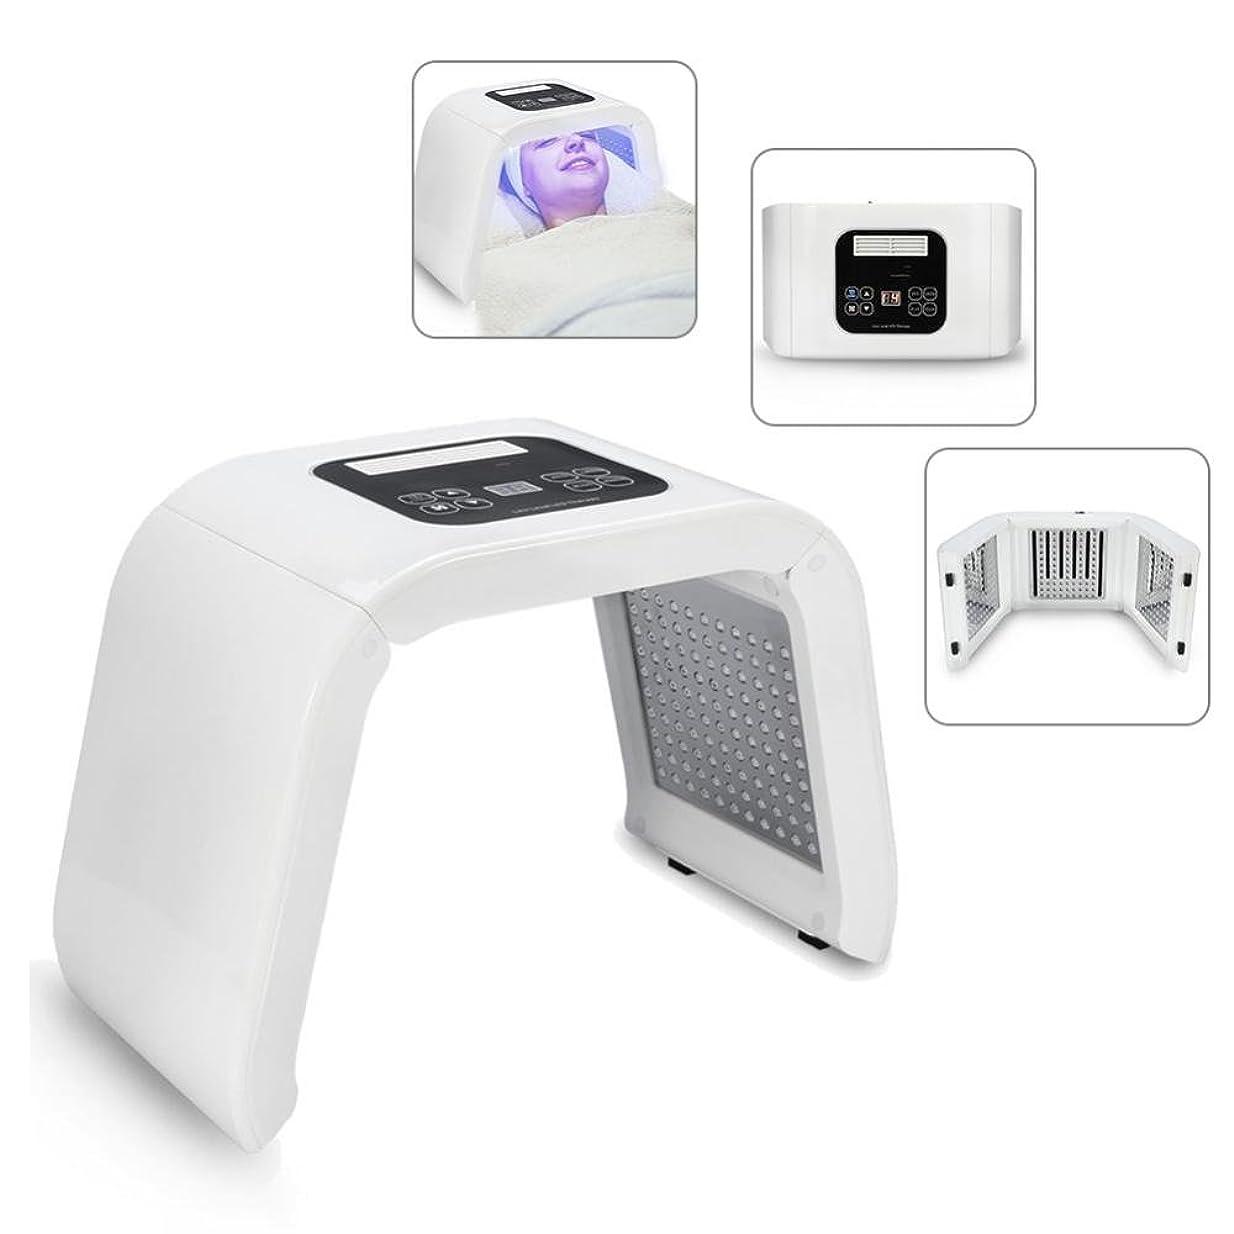 検出器脊椎苦味LEDフェイスマスク LEDマシン 顔の肌の若返り 美白 色ライトケア 美ランプ 光子の器械 LEDトナーライト